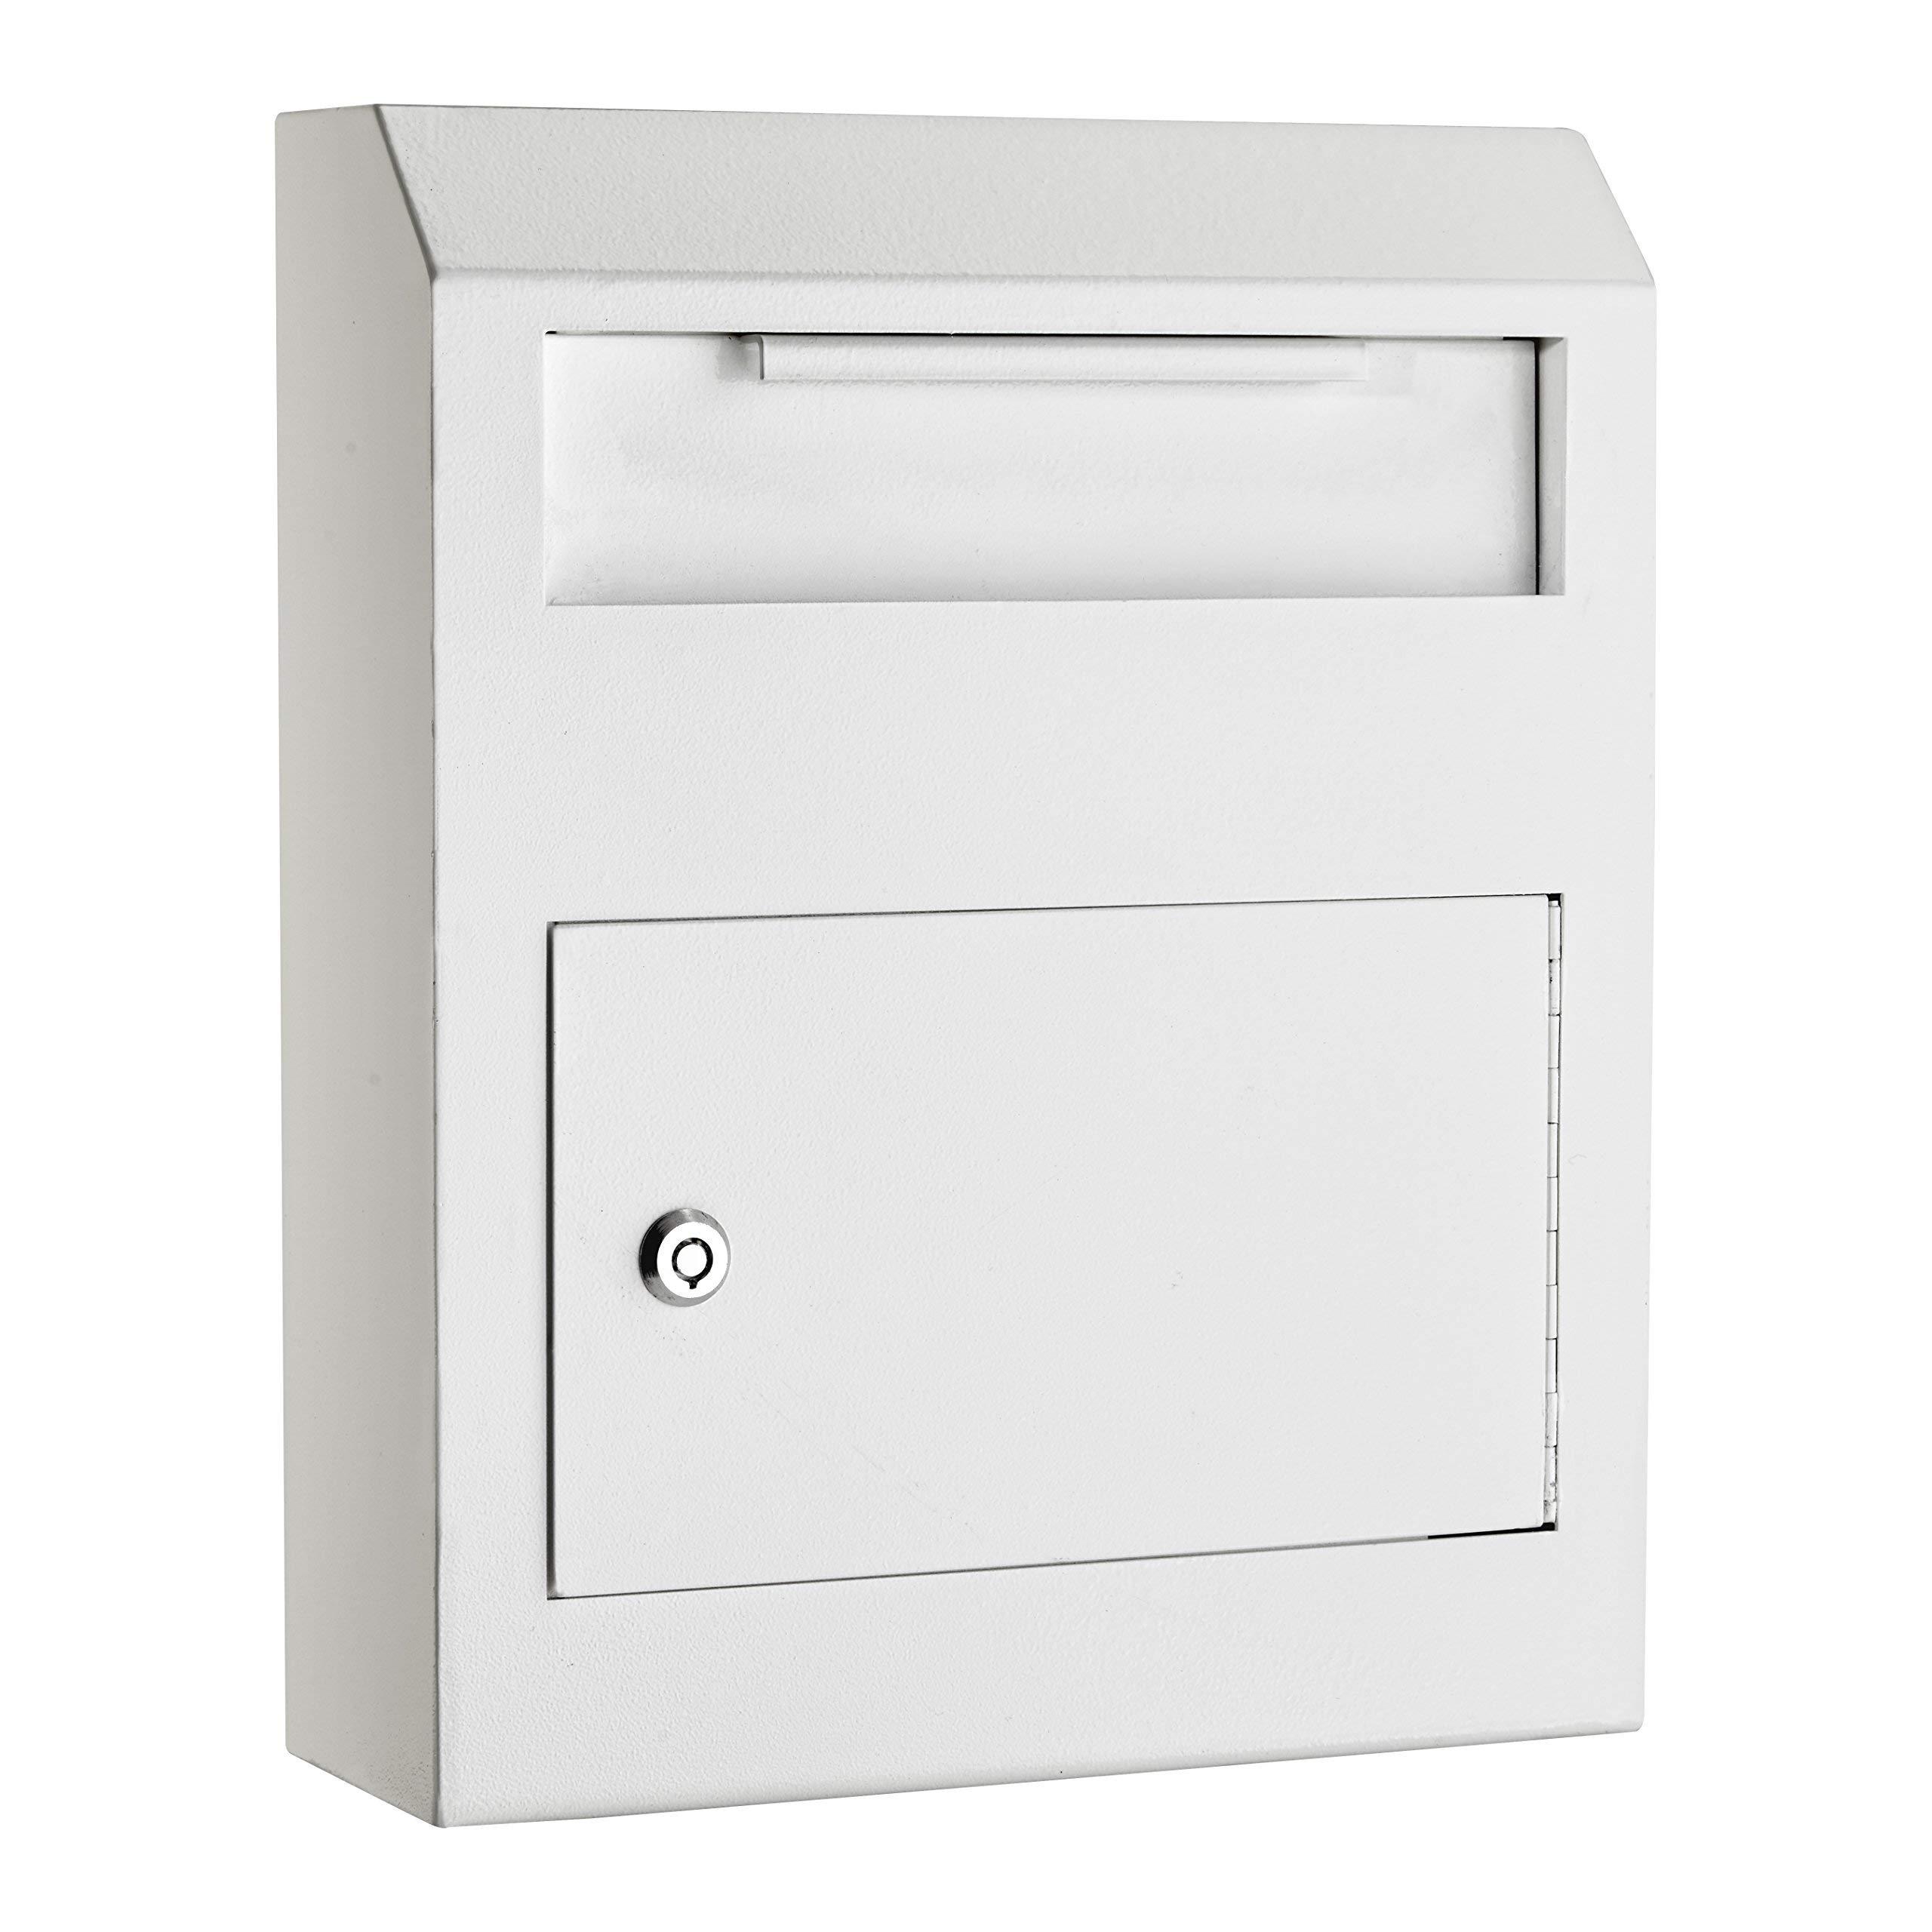 AdirOffice Heavy Duty Secured Safe Drop Box (White) by AdirOffice